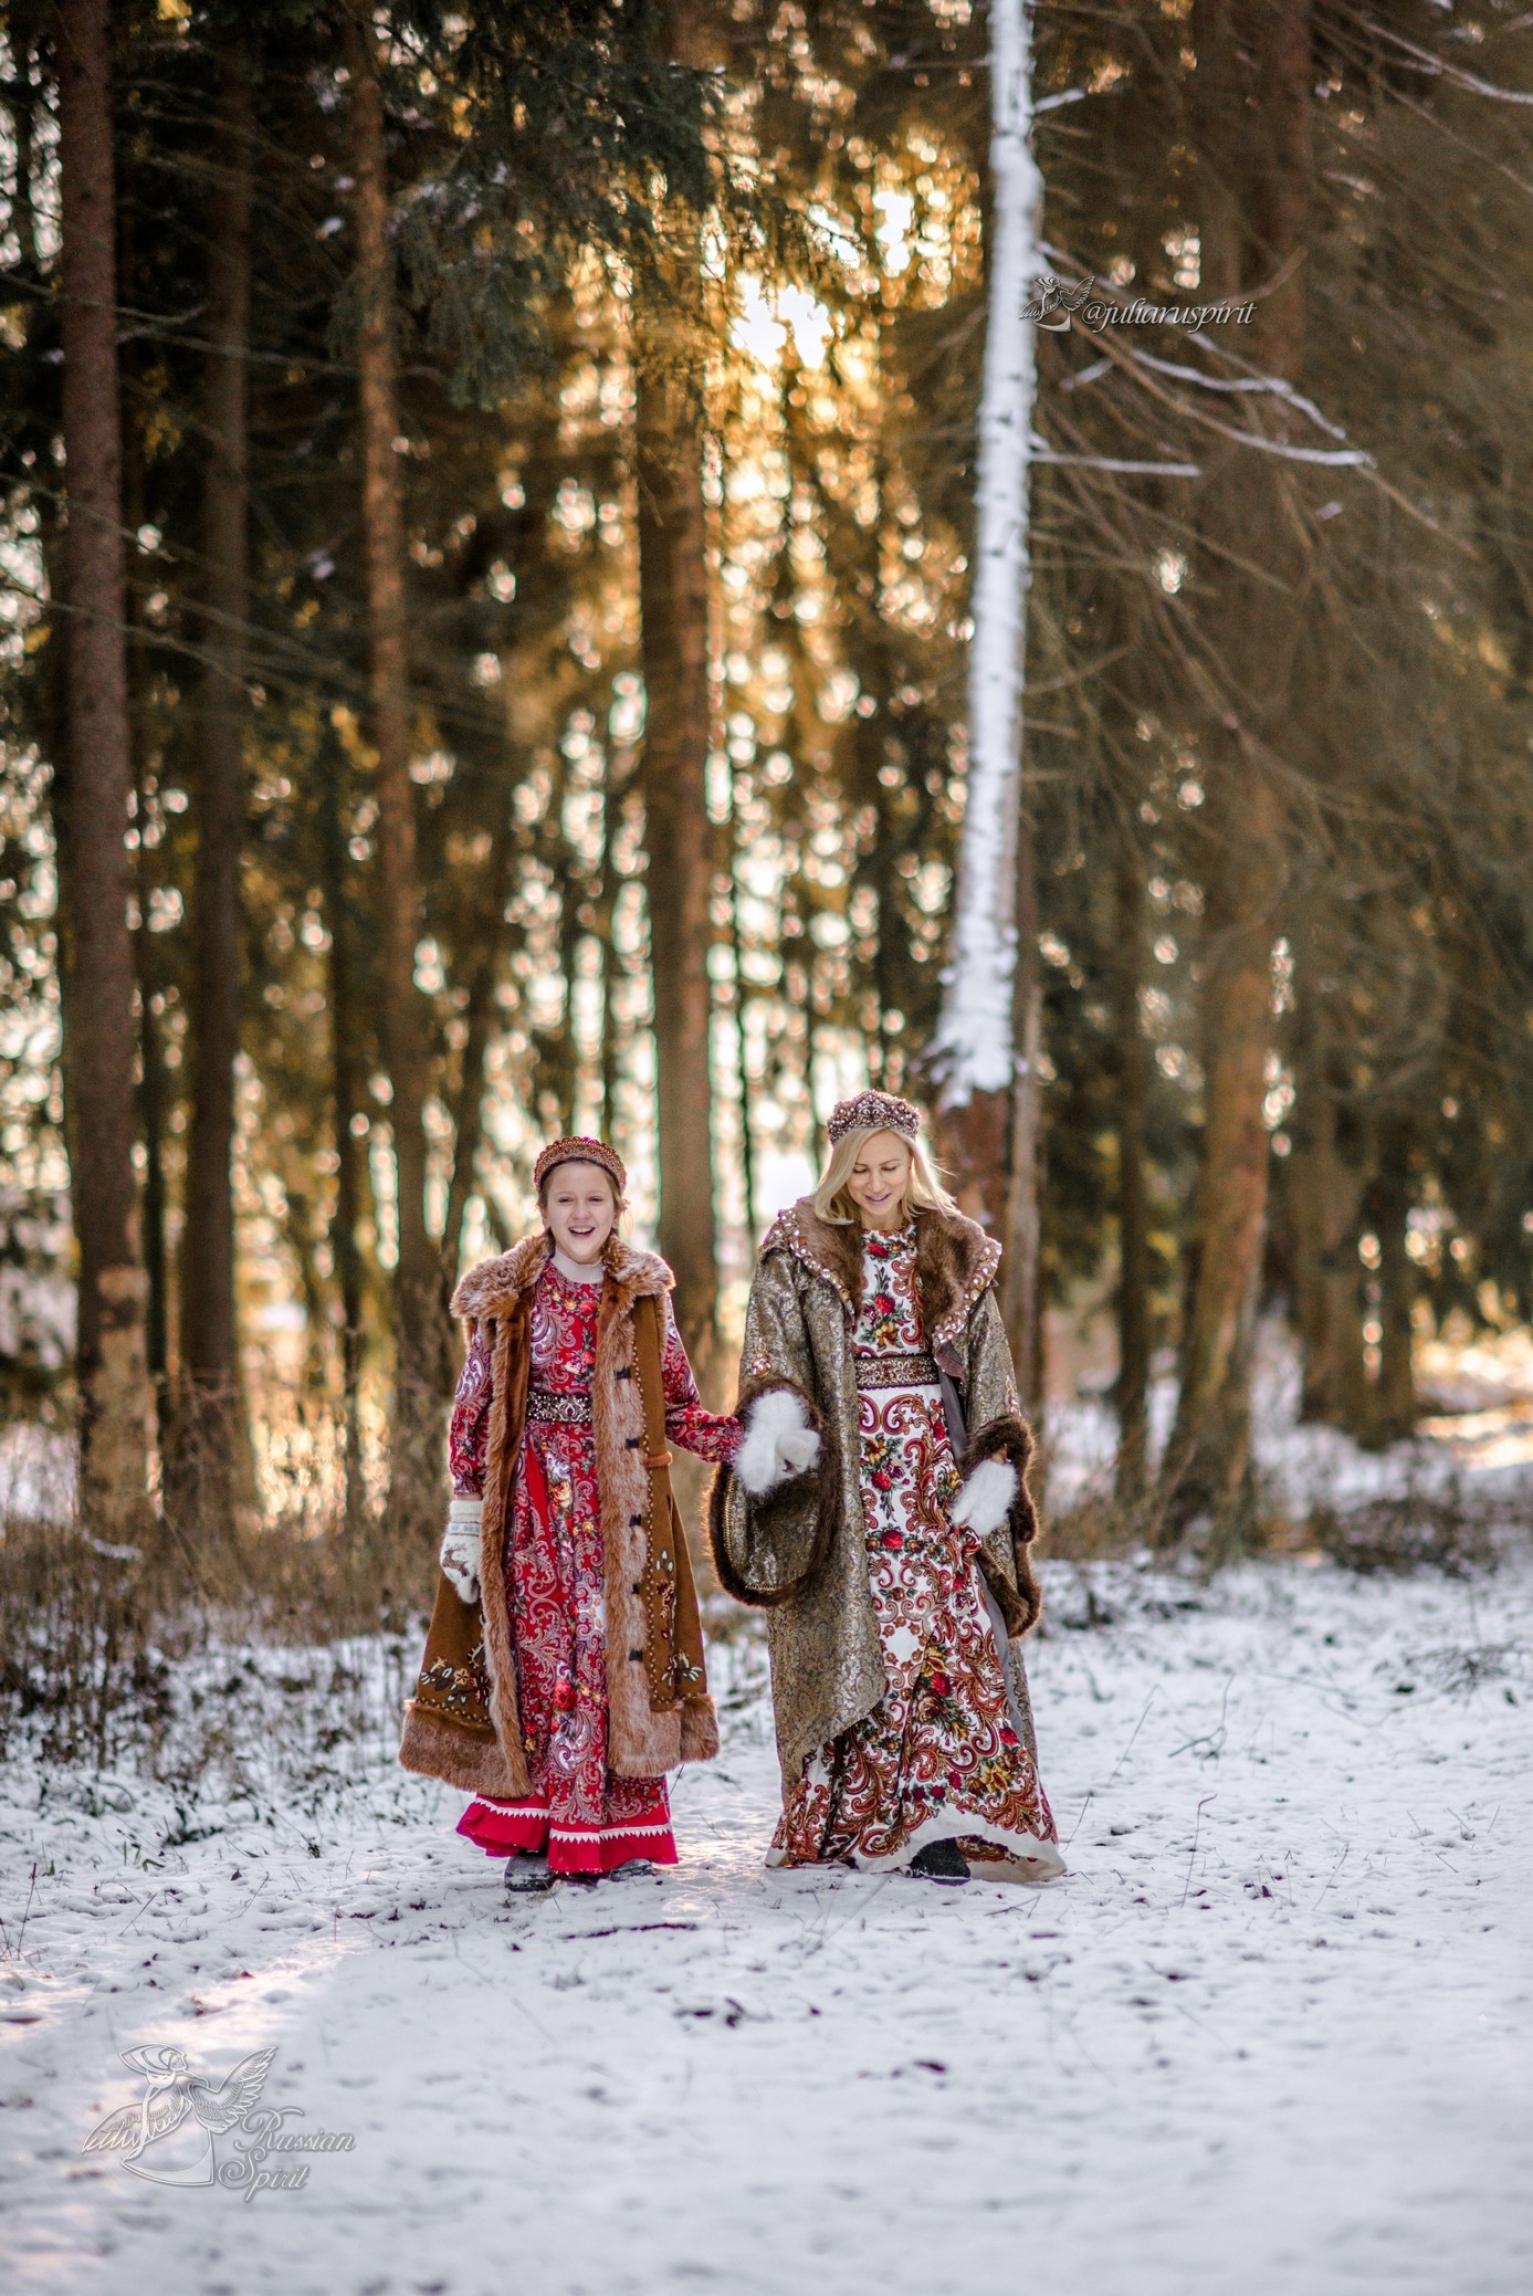 Мама с дочкой в русских народных костюмах зимой на фотосессии